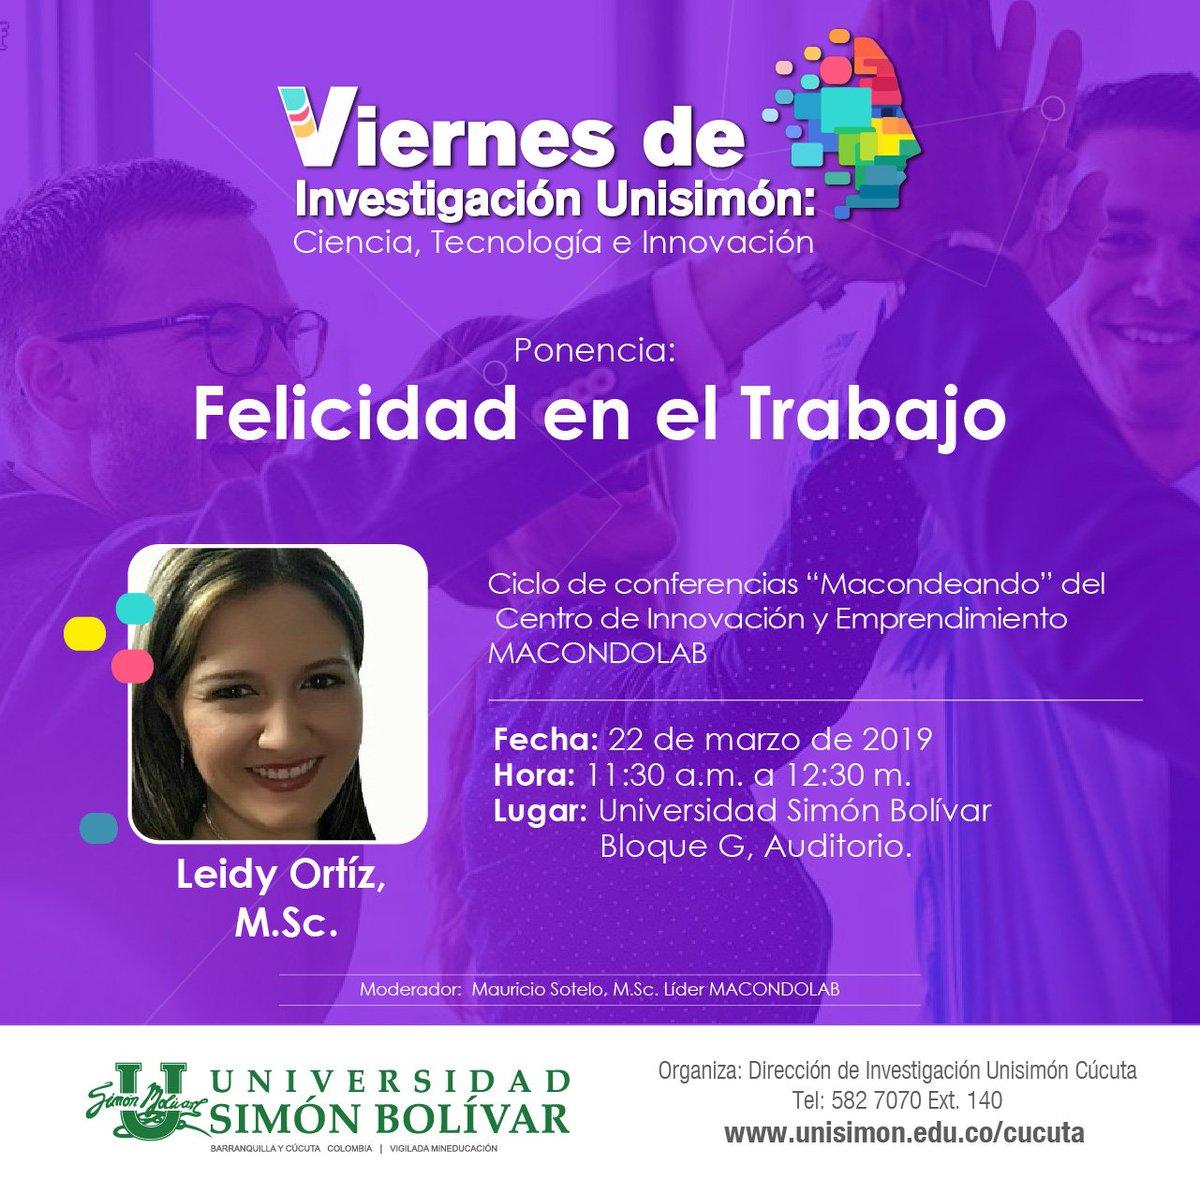 #AgéndateConLaU | Participa en esta nueva versión de los #ViernesDeInvestigación, hablemos de Felicidad en el Trabajo y conoce la experiencia de Leidy Ortiz, profesora #UnisimónCúcuta y mentora de MacondoLab. Recuerda que la entrada es libre. ¡Te esperamos! #SomosUnisimón https://t.co/tQMIRyoJqP